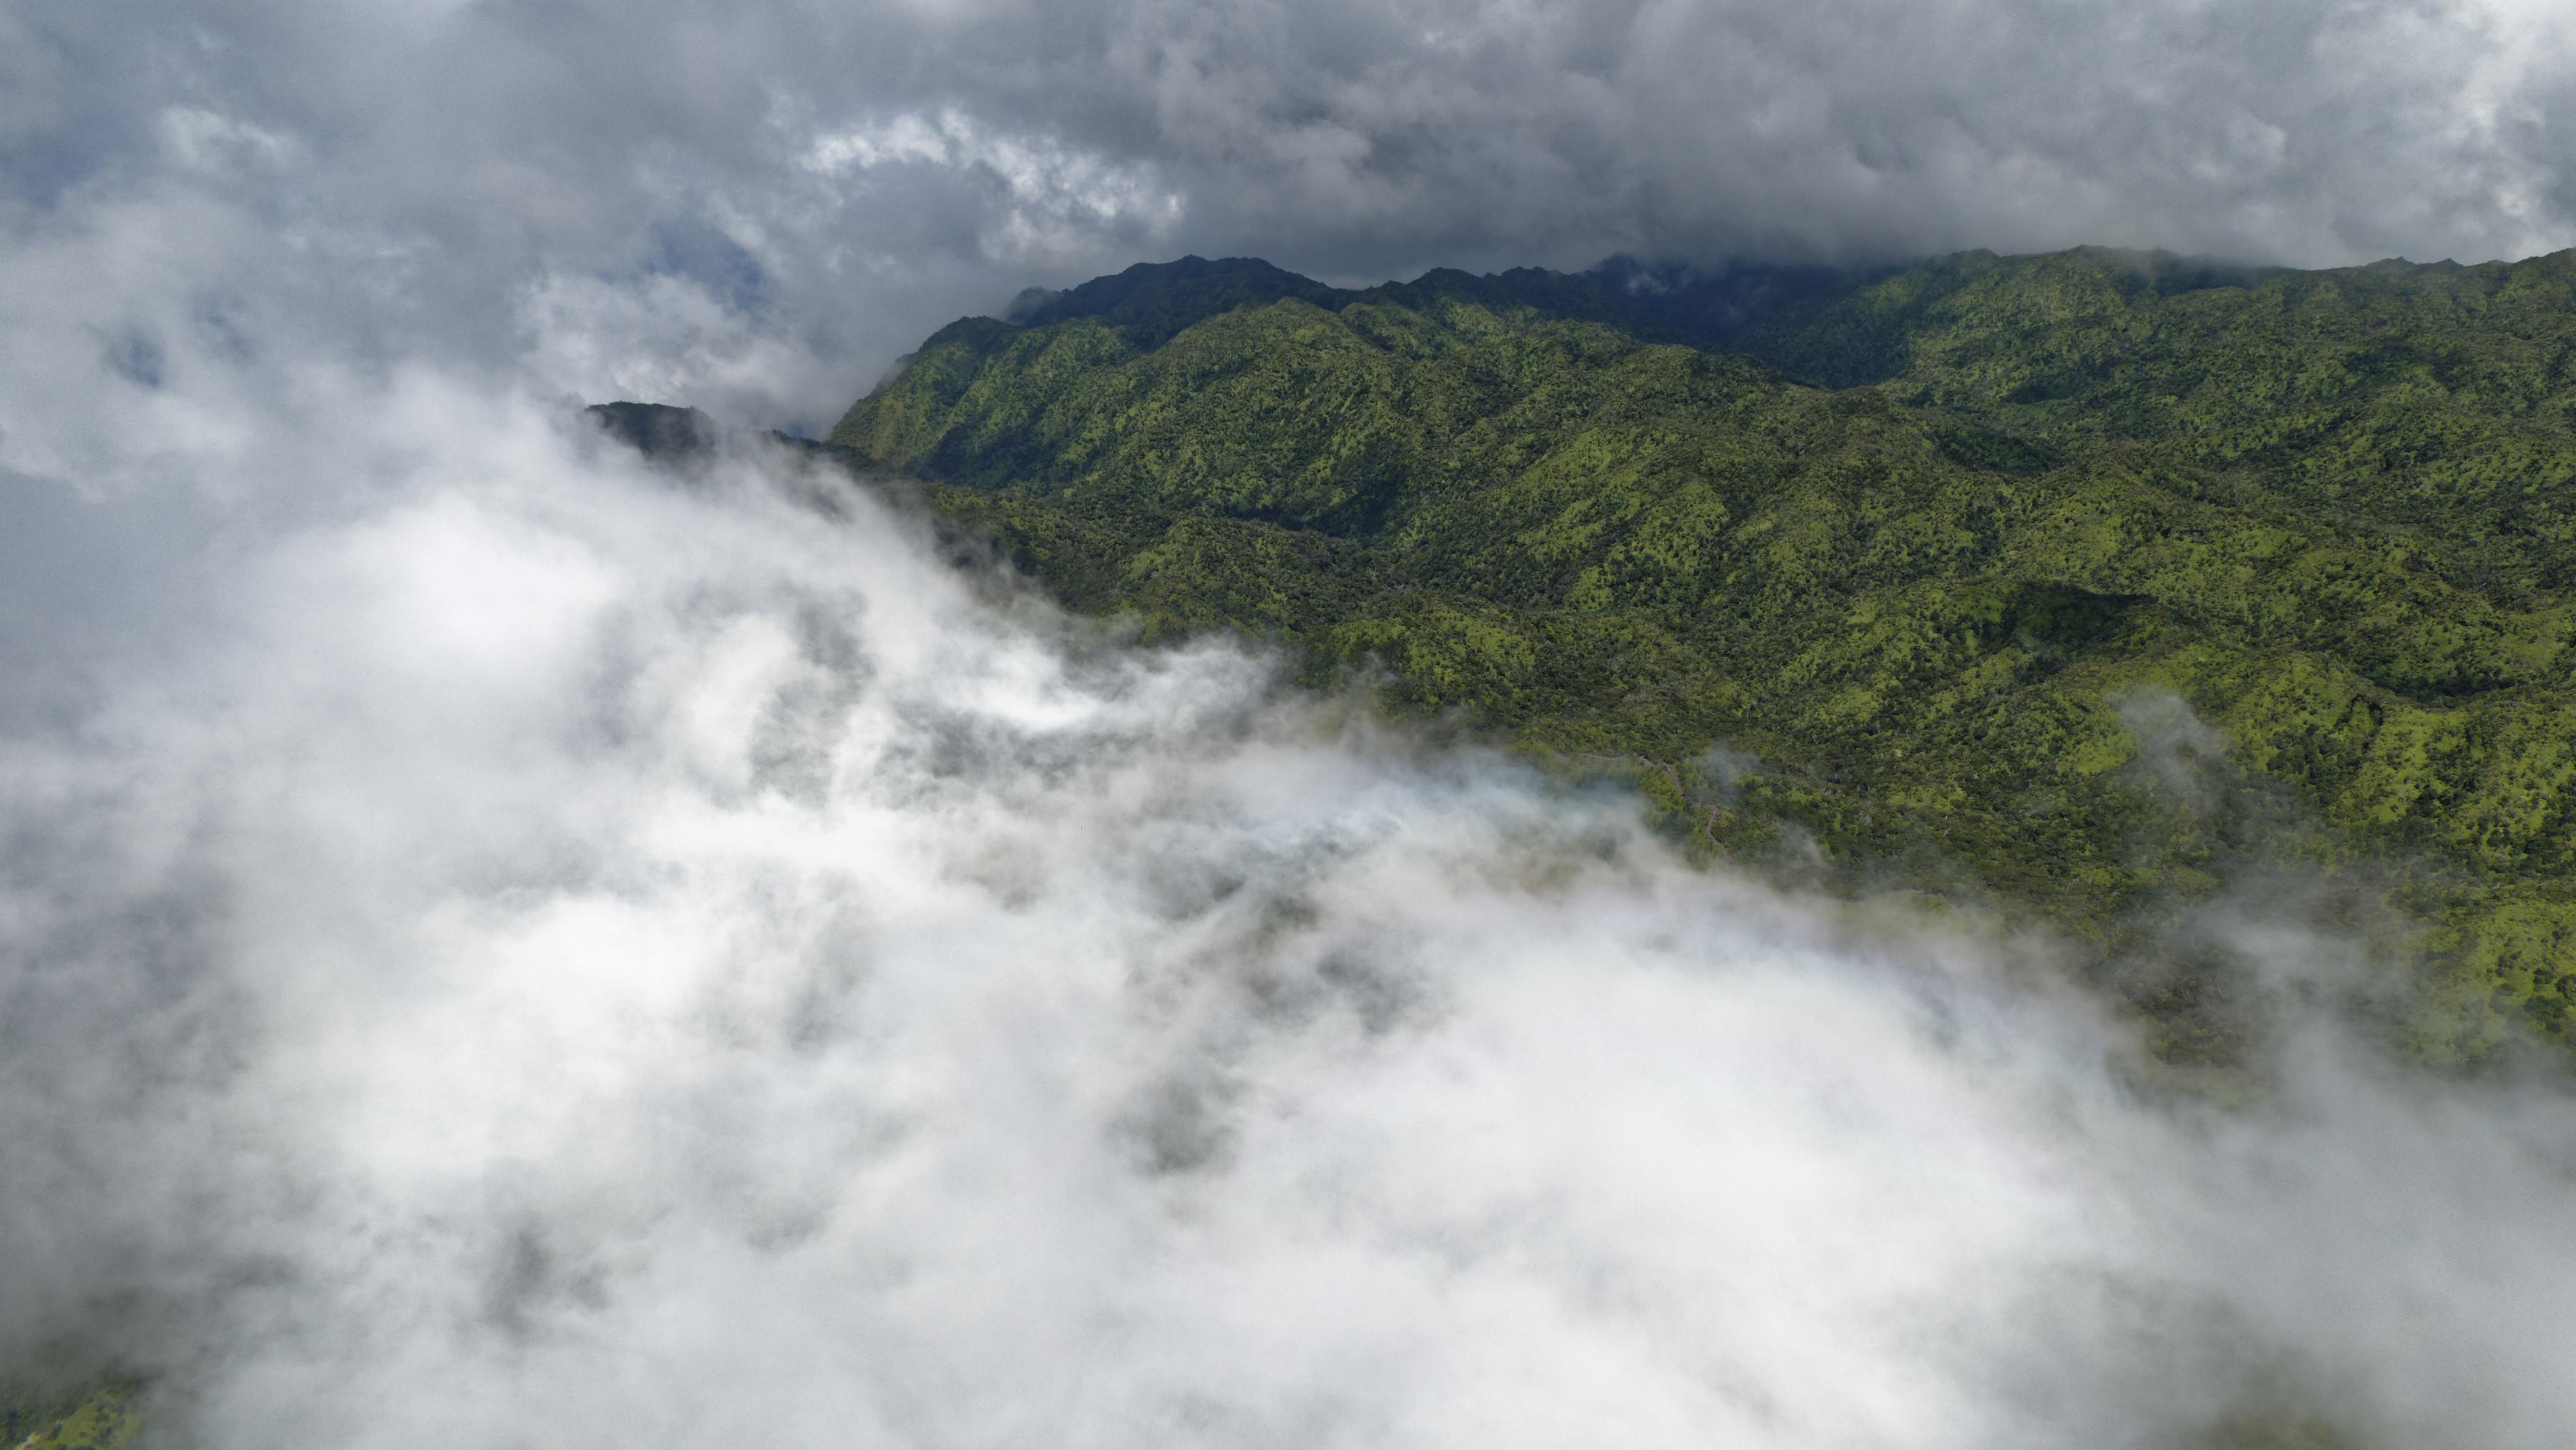 Les forêts des cîmes de Kauai, dans les nuages